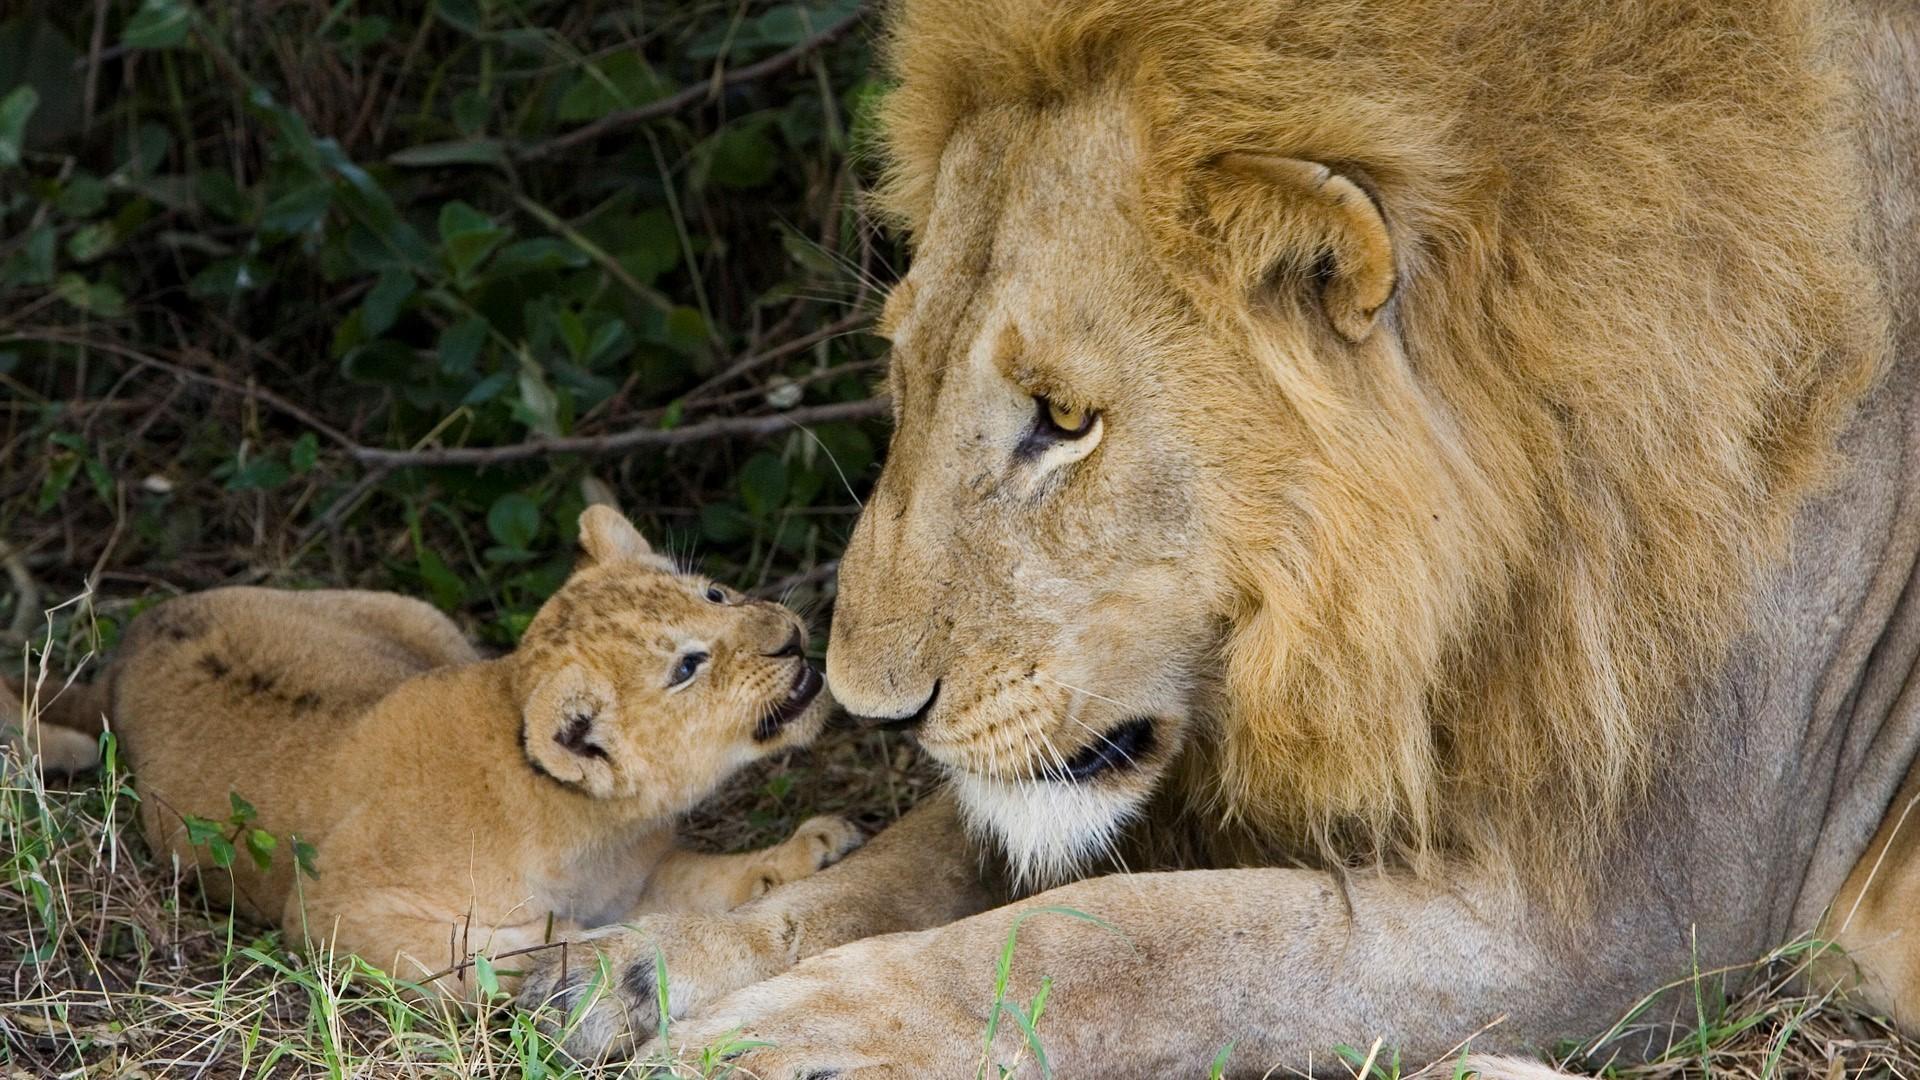 Lion Cubs Wallpaper Hd